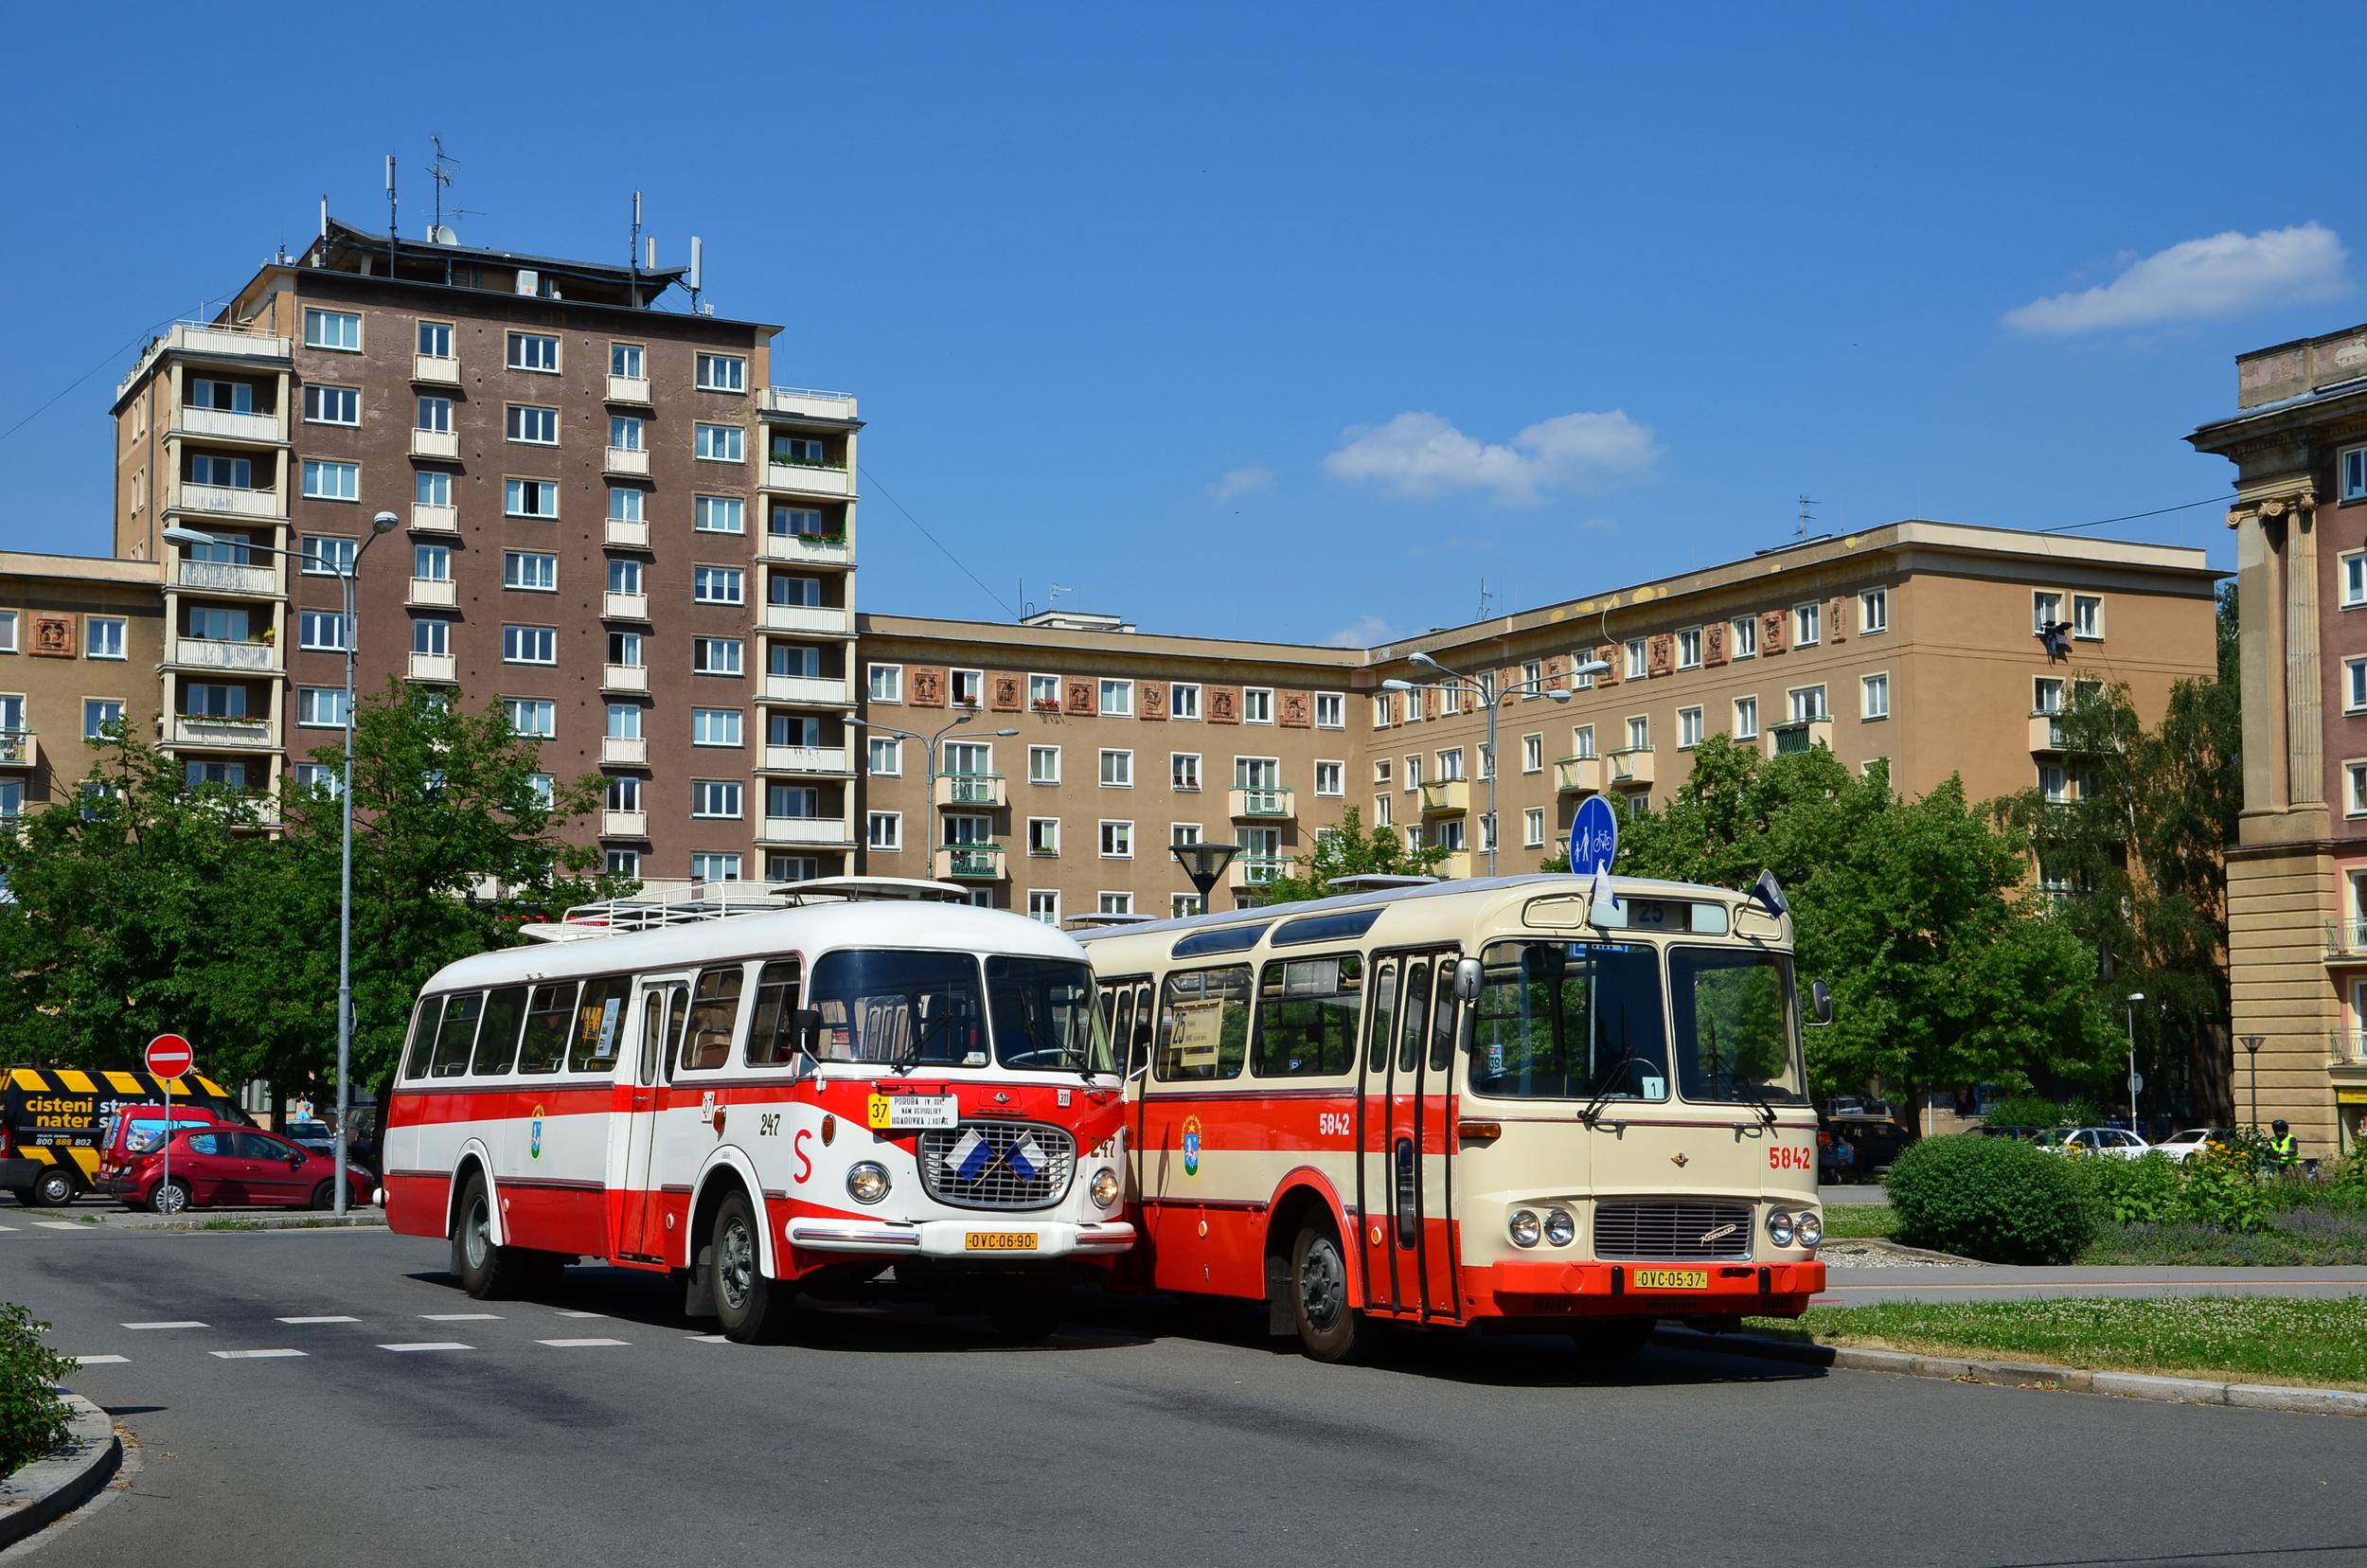 Setkání historických vozů Škoda 706 RTO a ŠM 11 ostravského DP. Snímek zřetelně ukazuje rozdíly v řešení karoserie a podvozkové části. (foto: Miroslav Halász)